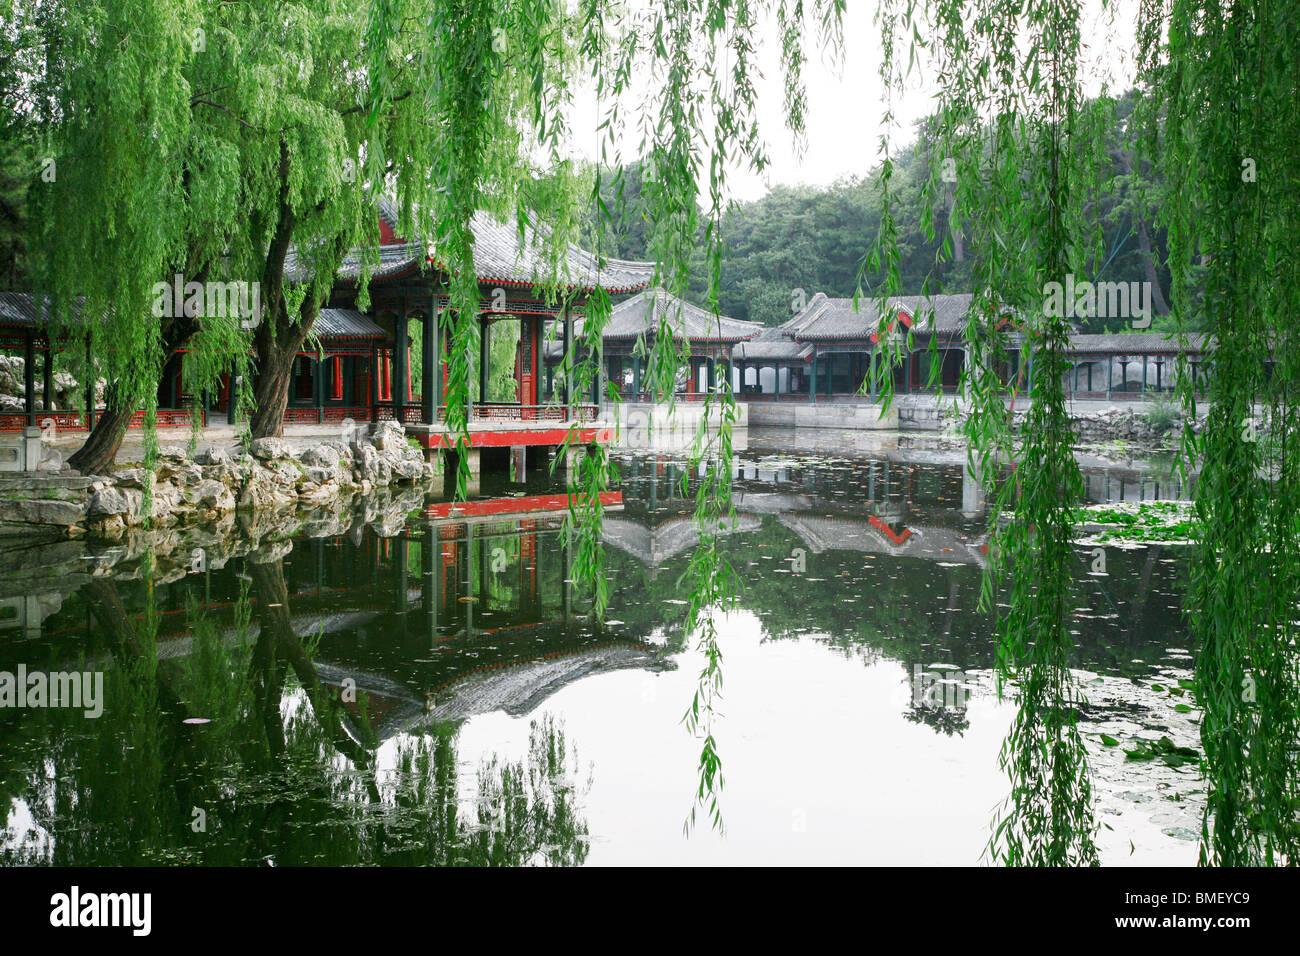 Jardín de la armonía de intereses en el Palacio de Verano, Beijing, China Foto de stock